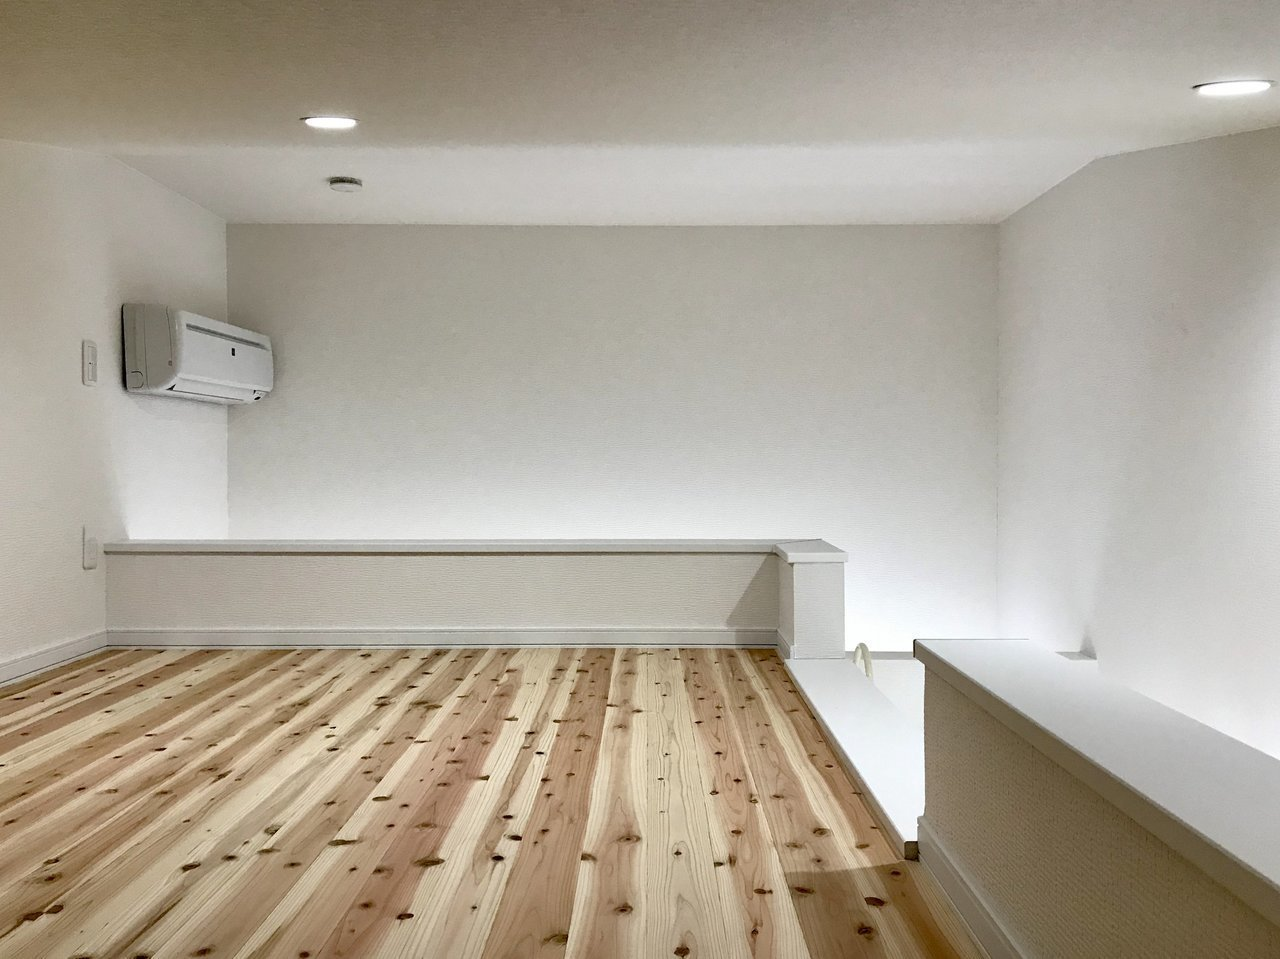 ロフト部分ももちろん無垢床。寝室にも、物置にも使えます。ふたり暮らしでもきっと十分な広さがあると感じるはずです。